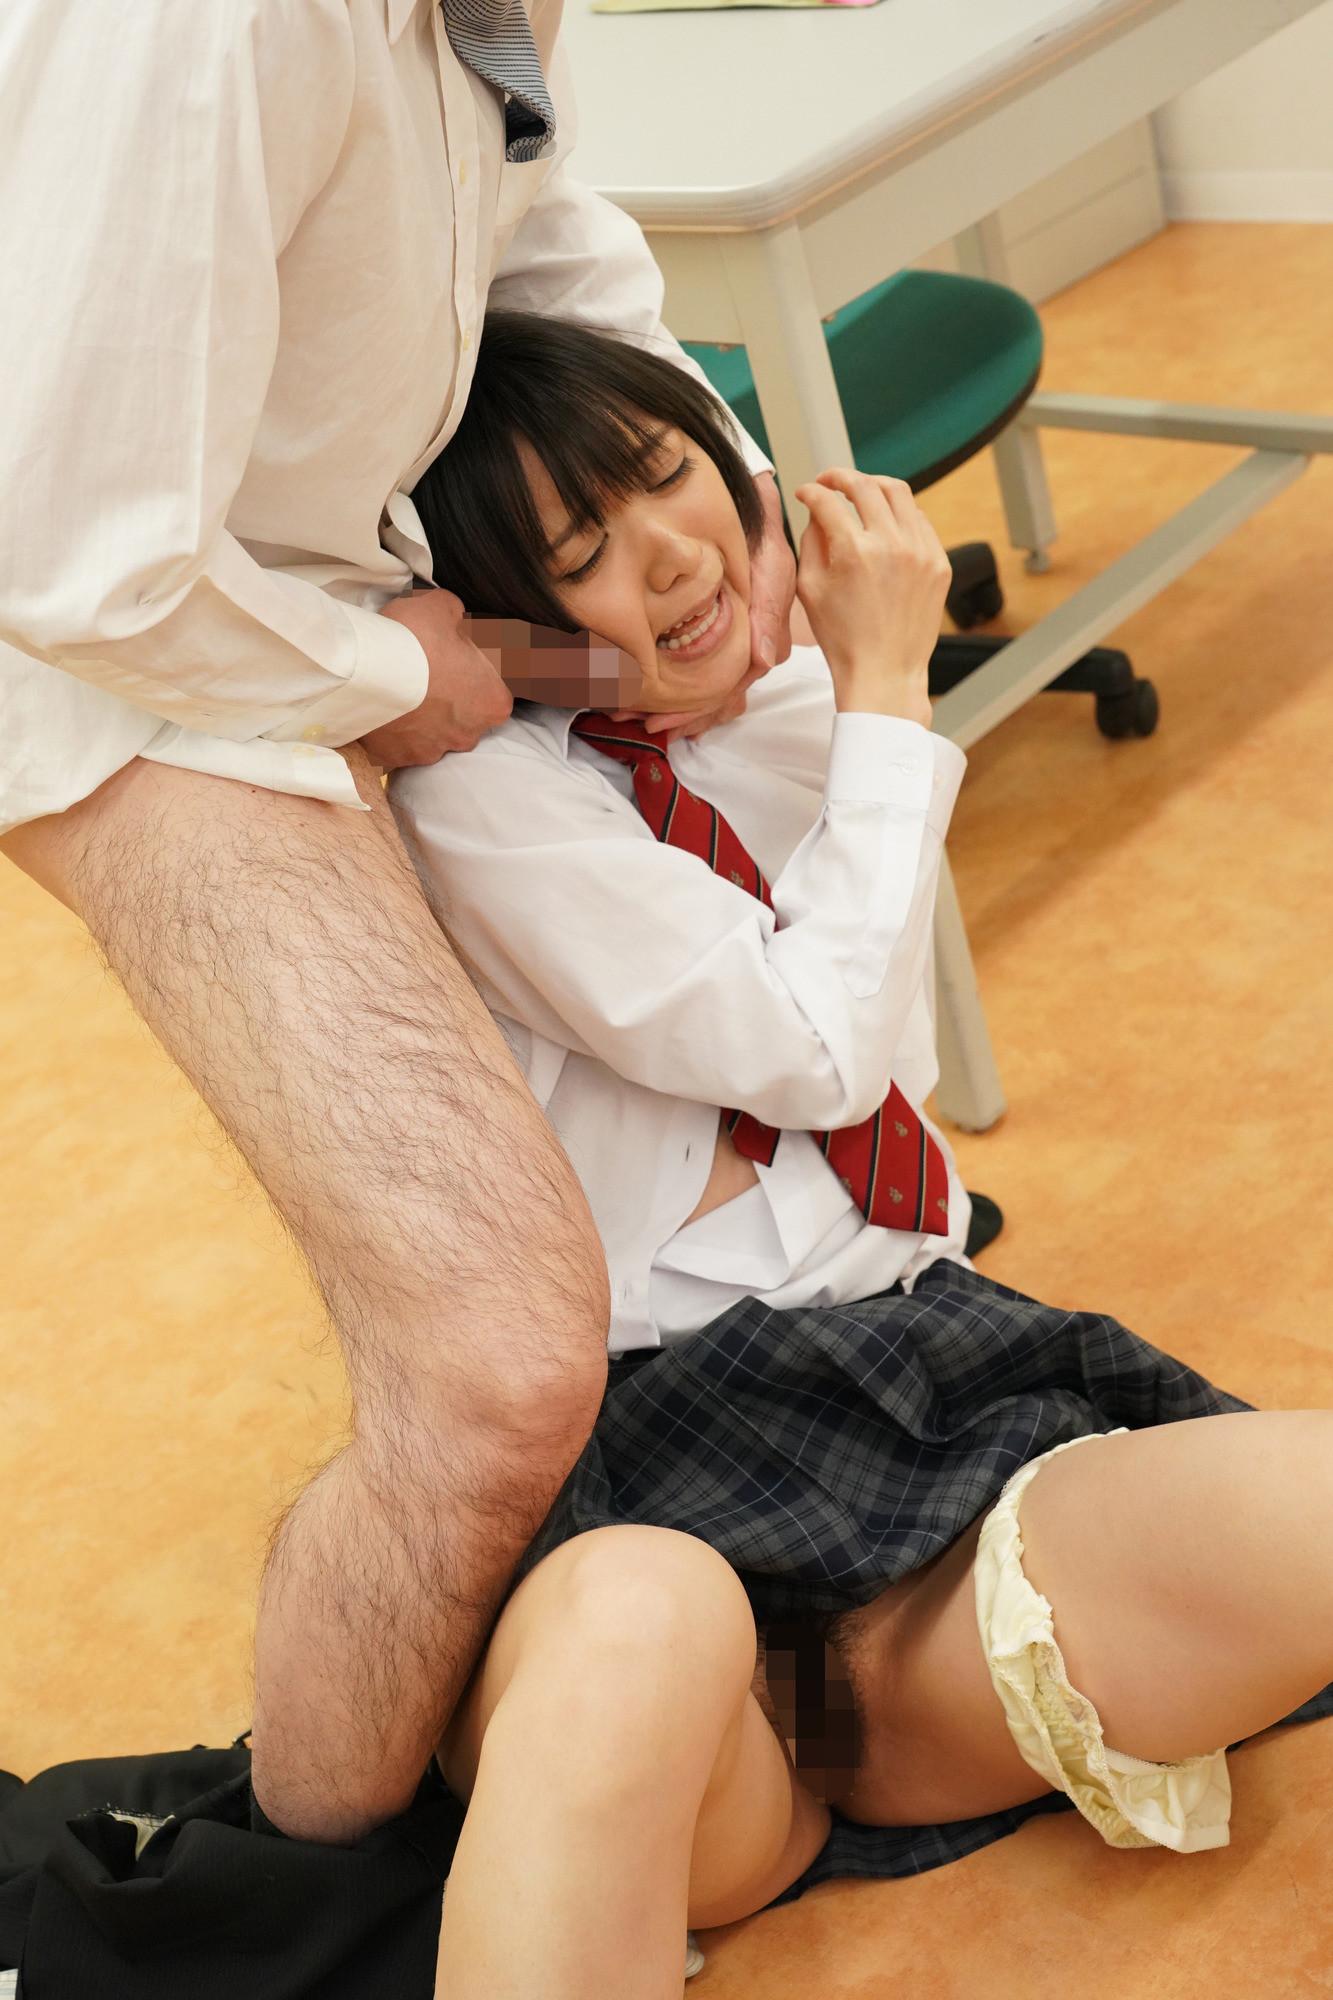 男っぽいことを悩んで女らしくなりたいと教師に相談したら、未成熟な身体を強制的に開発されてメスイキしまくったボーイッシュ女子校生 画像4